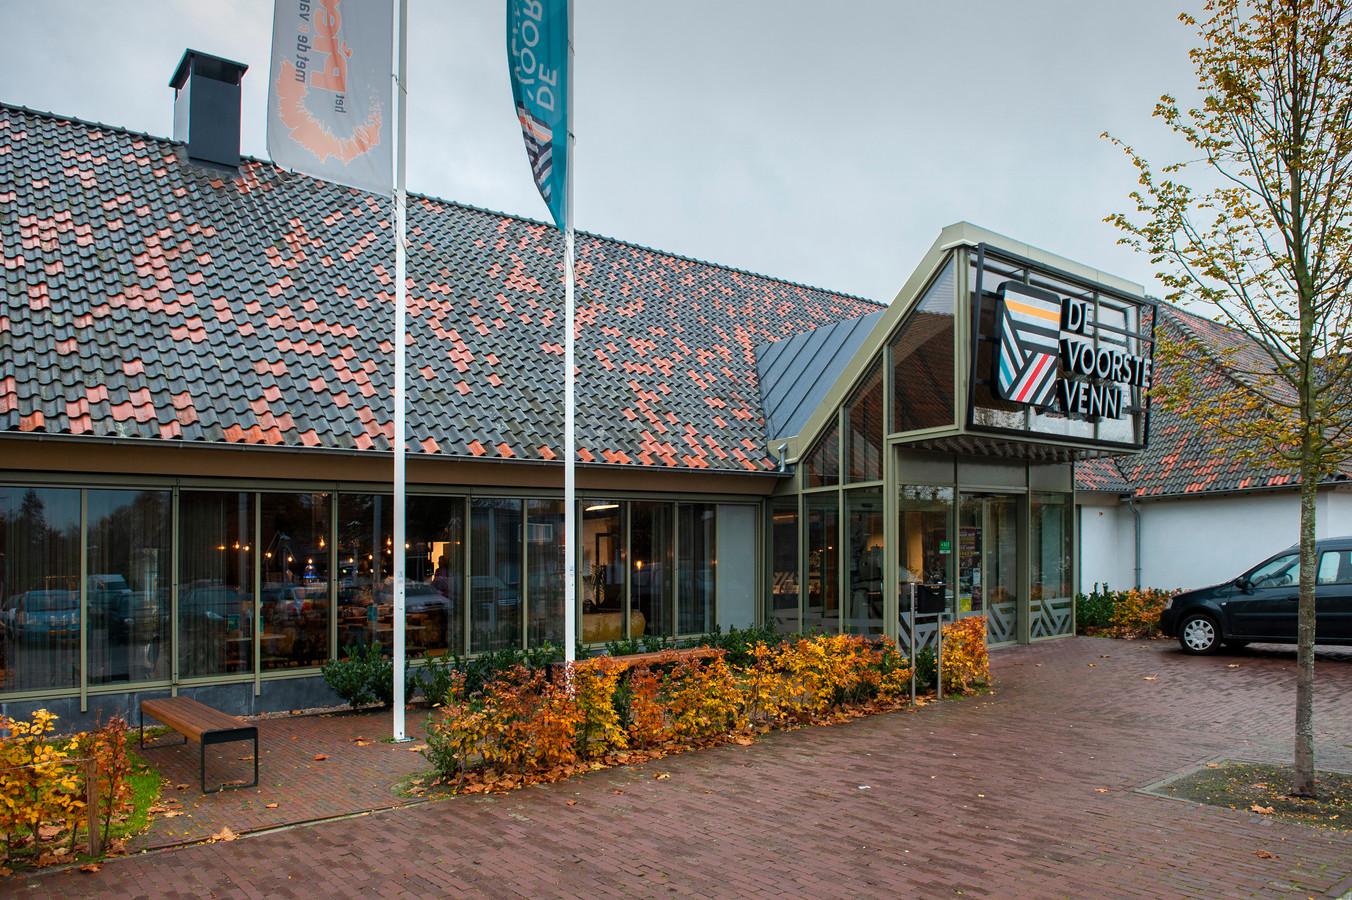 Cultureel centrum De Voorste Venne in Drunen.